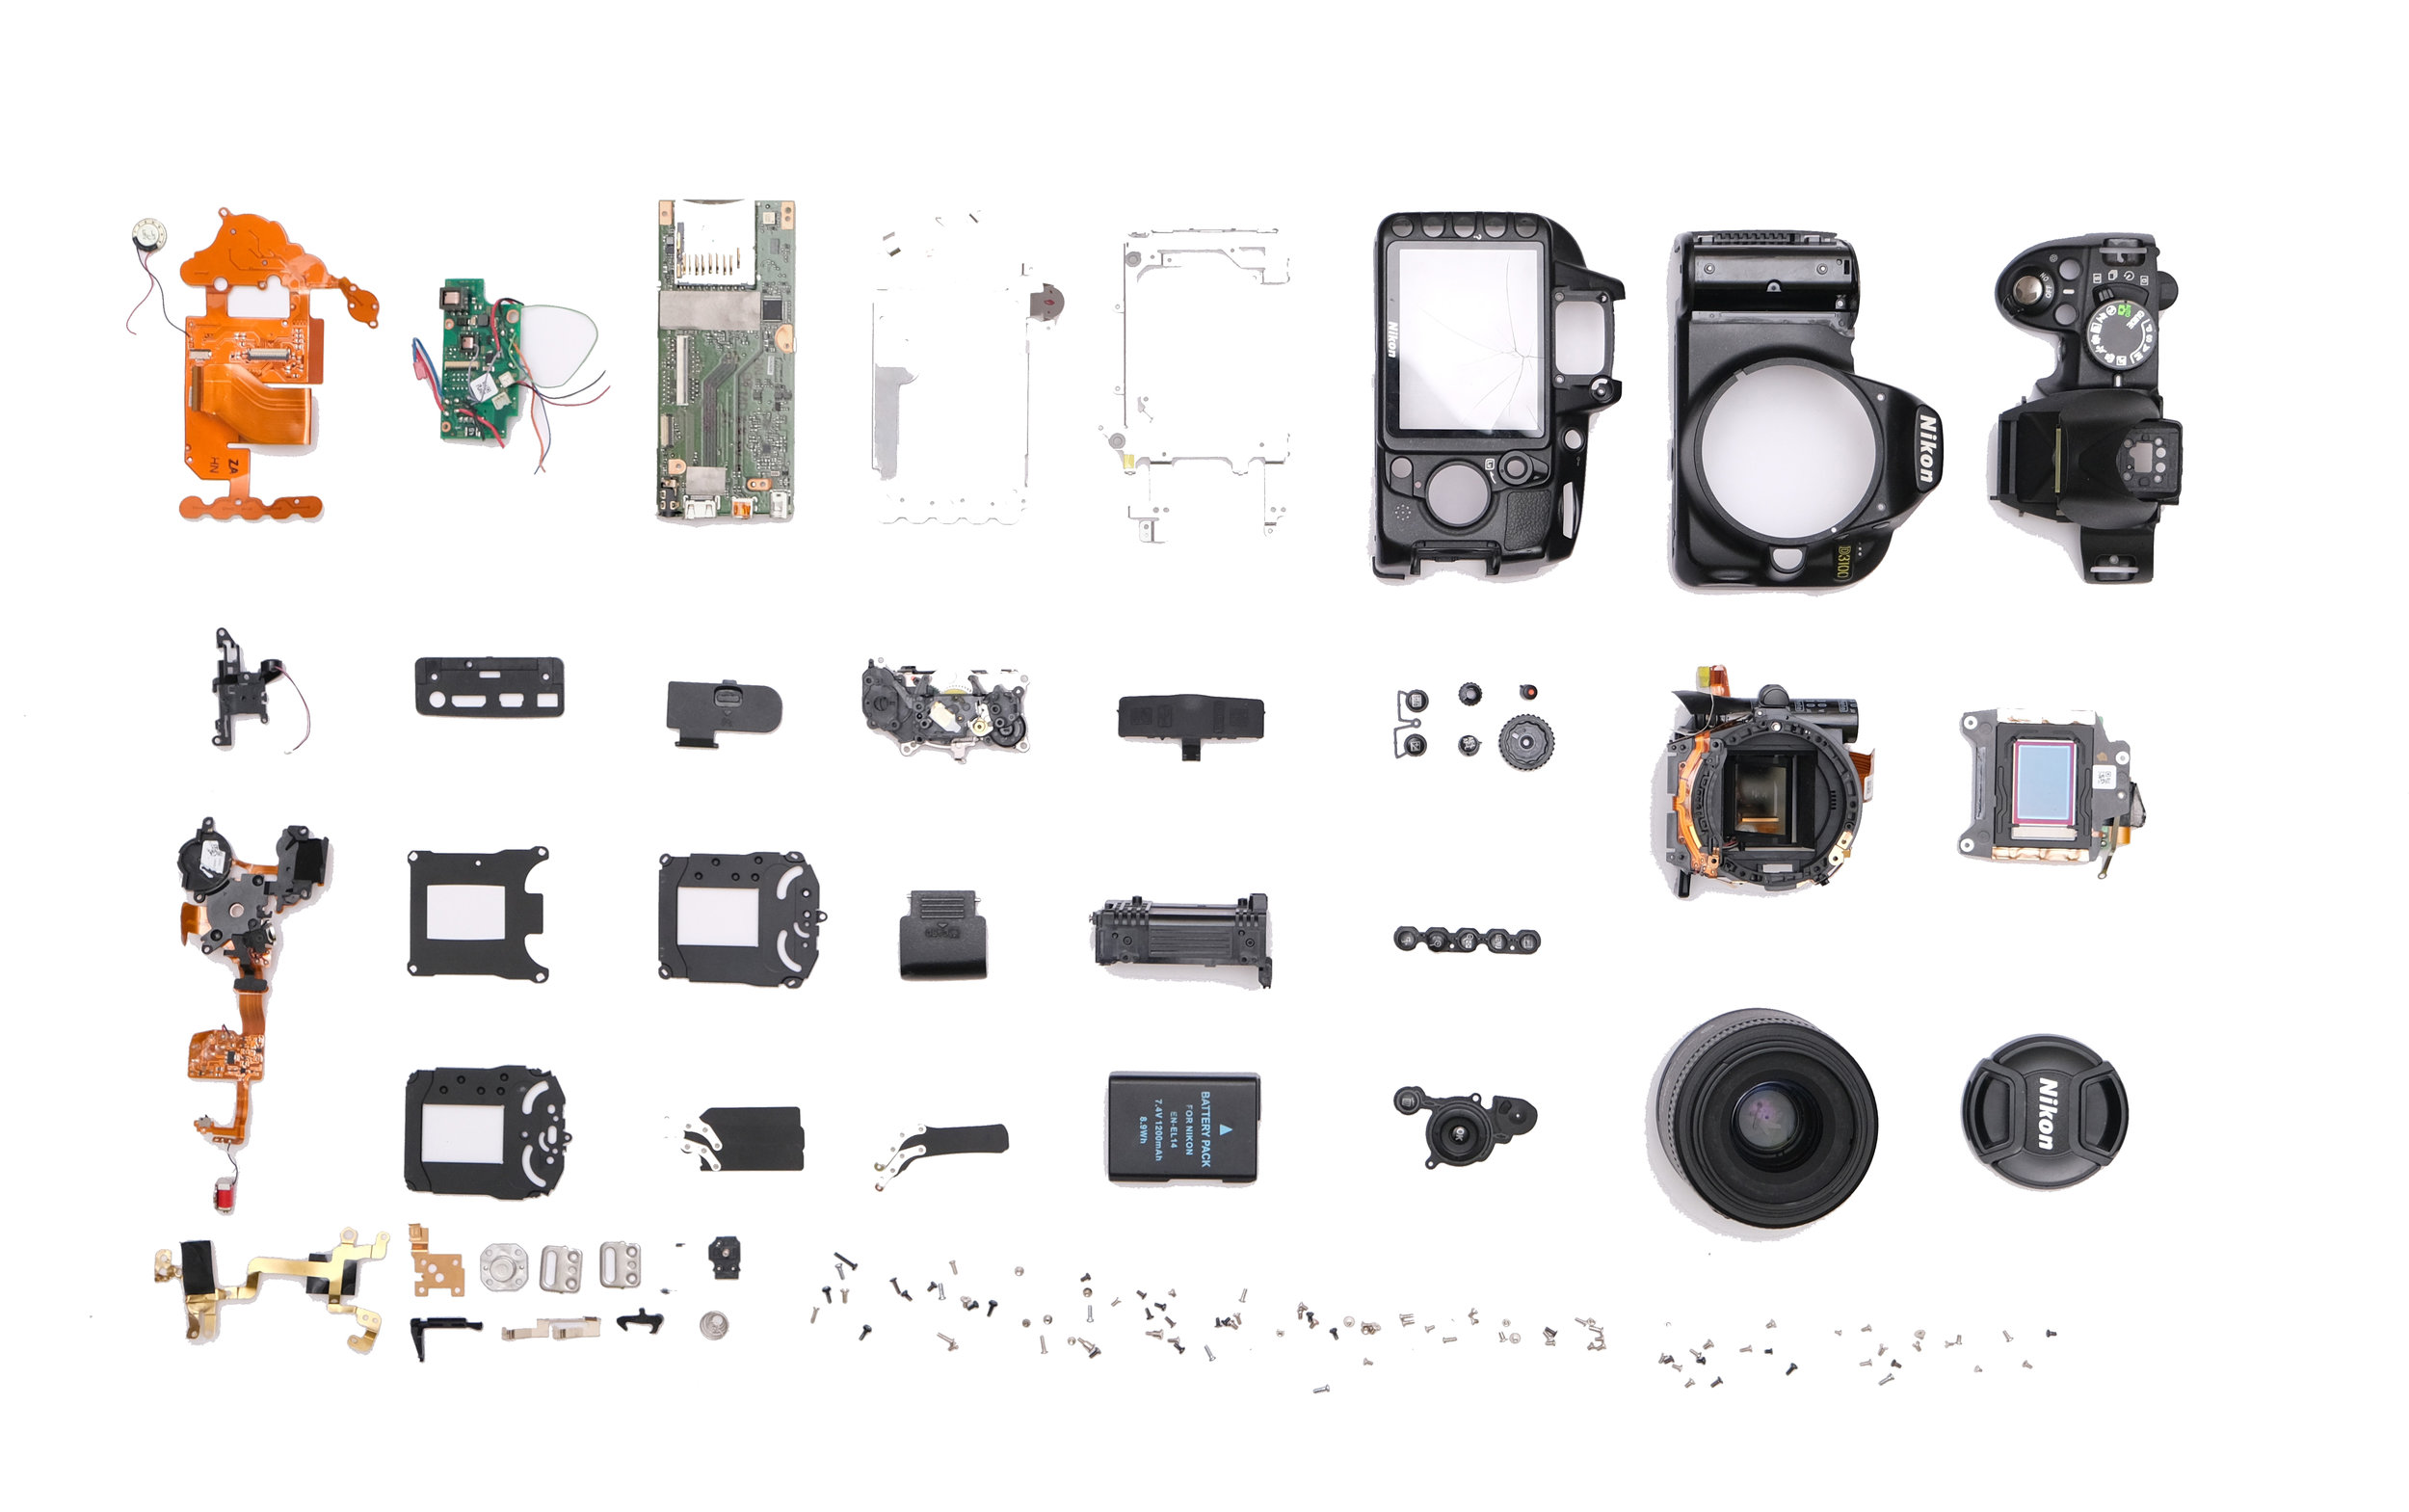 camera-camera-equipment-camera-lens-2286953 copy.jpg